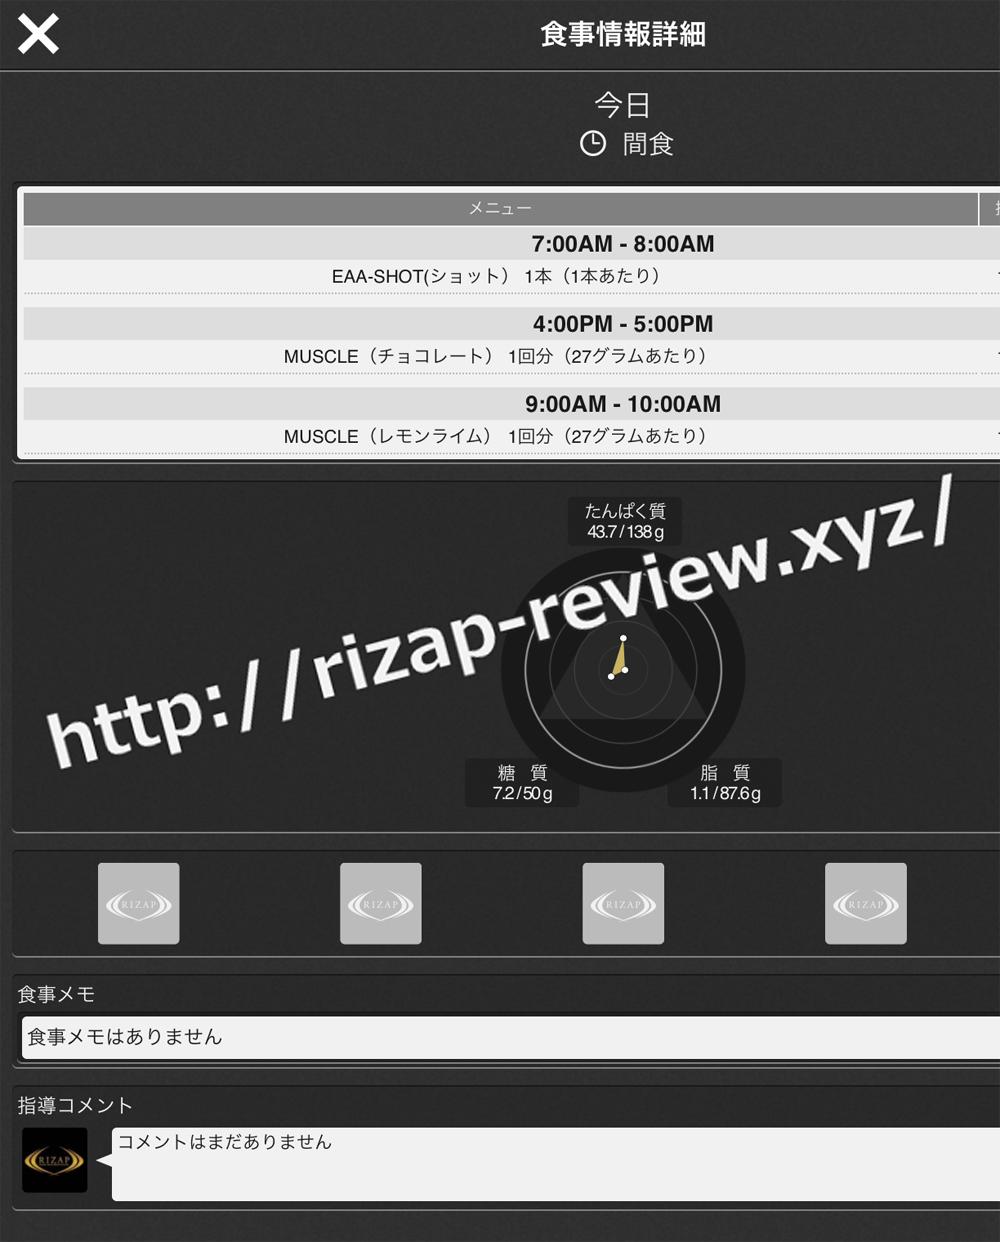 2018.9.30(日)ライザップ流の間食